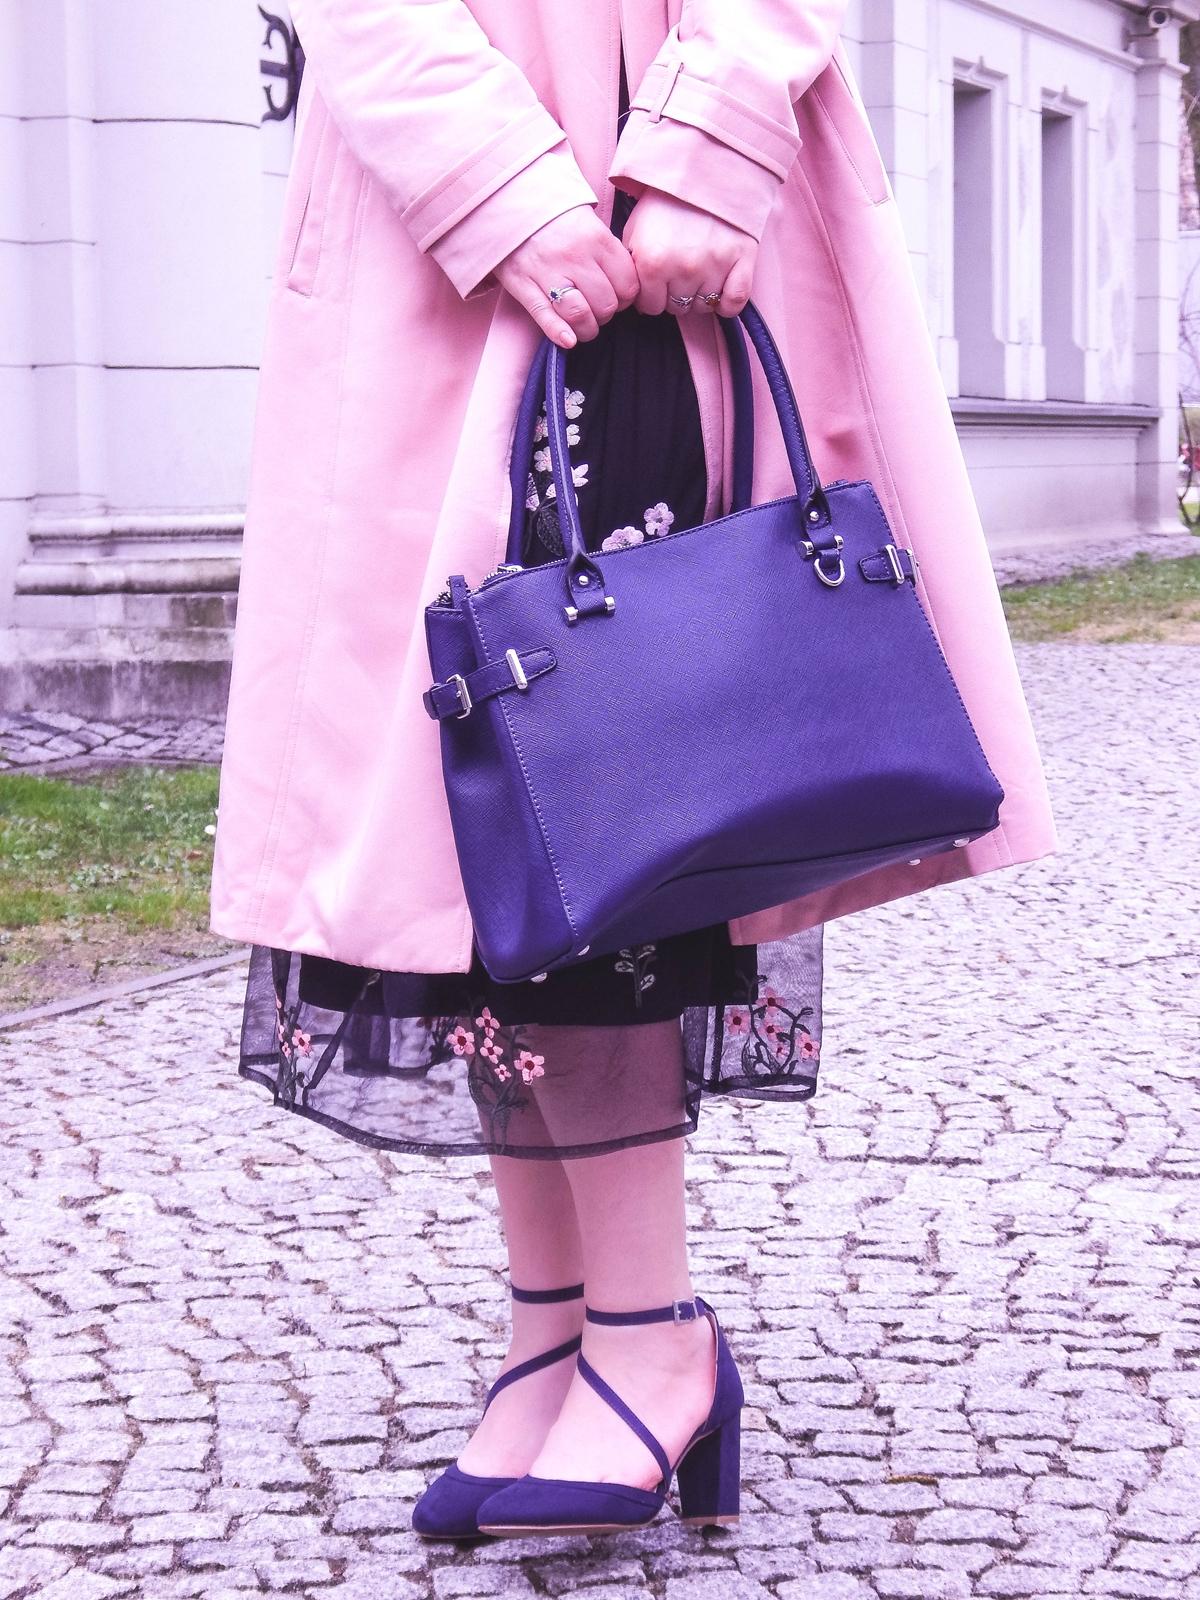 8 orsay trendy wiosna 2018 nowa kolekcja moda fashion blog blogerki modowe łódź z łodzi łódzkie melodylaniella fashion instagram sukienka na wesele różowy płaszcz granatowe pantofle total look